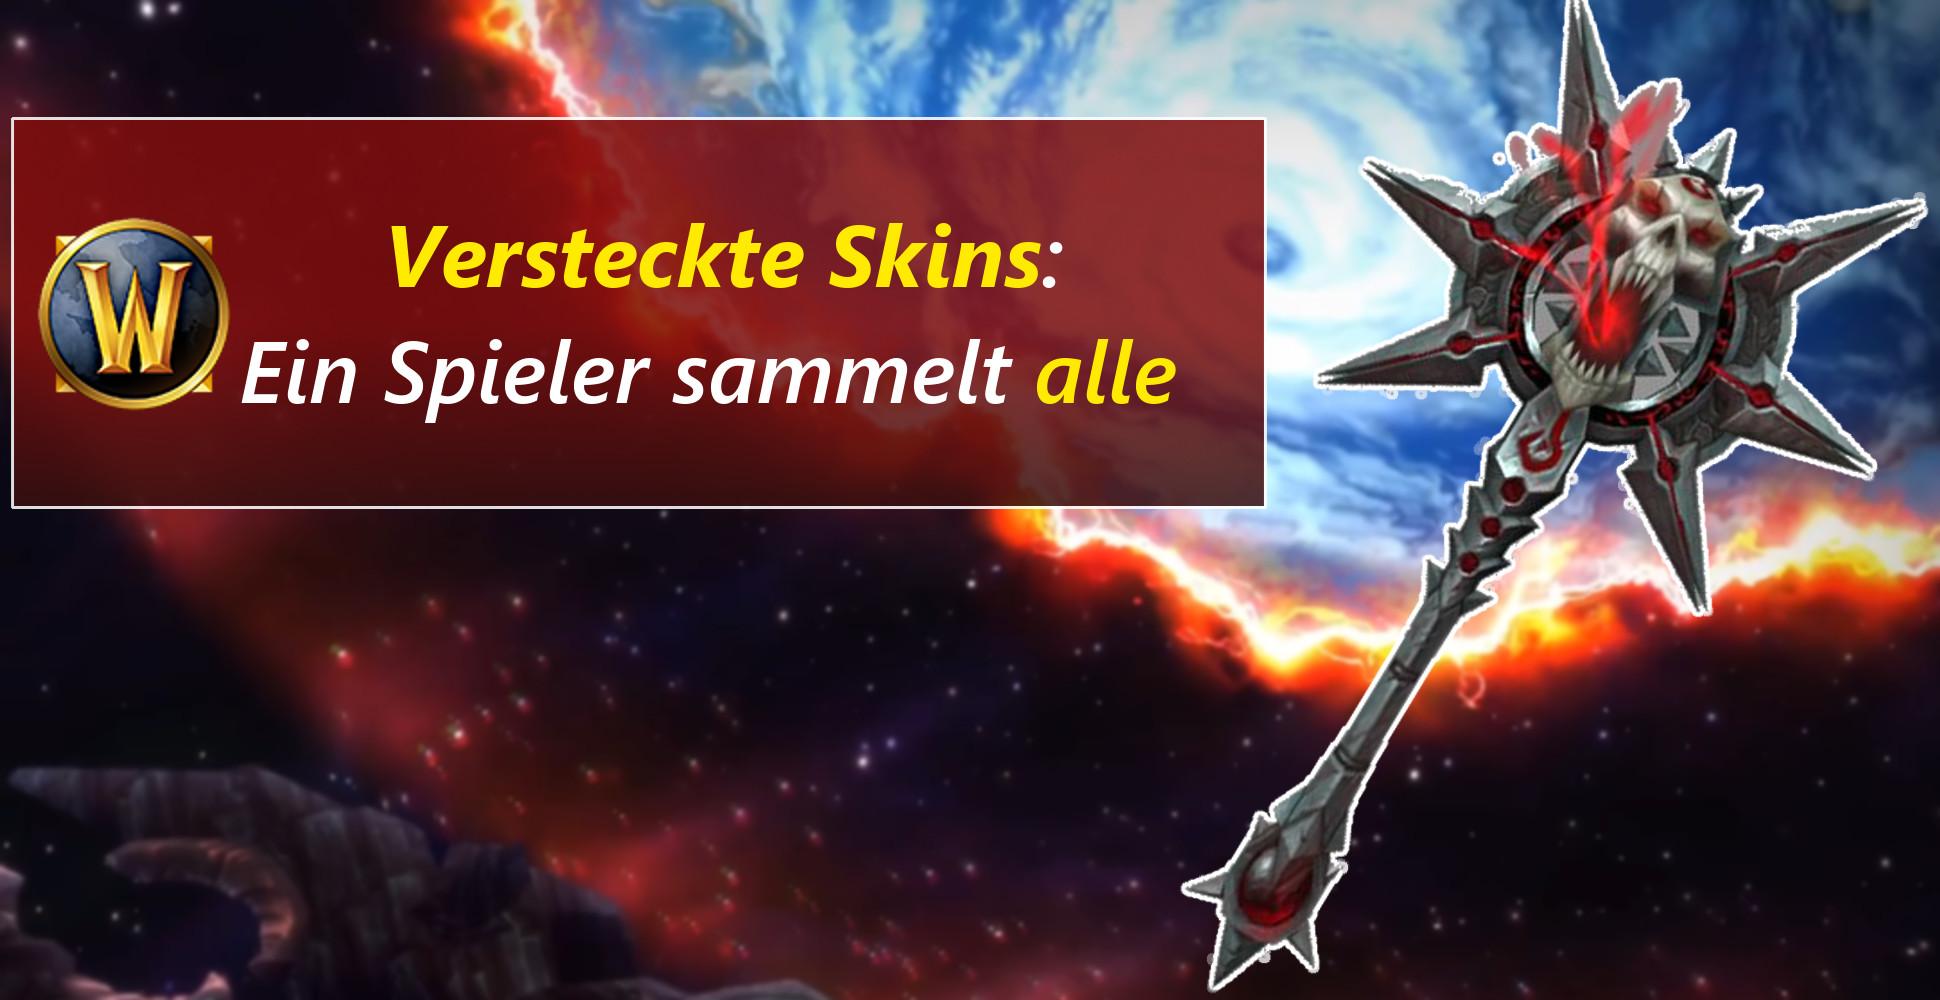 WoW: Spieler sammelt ALLE 36 versteckten Artefaktskins